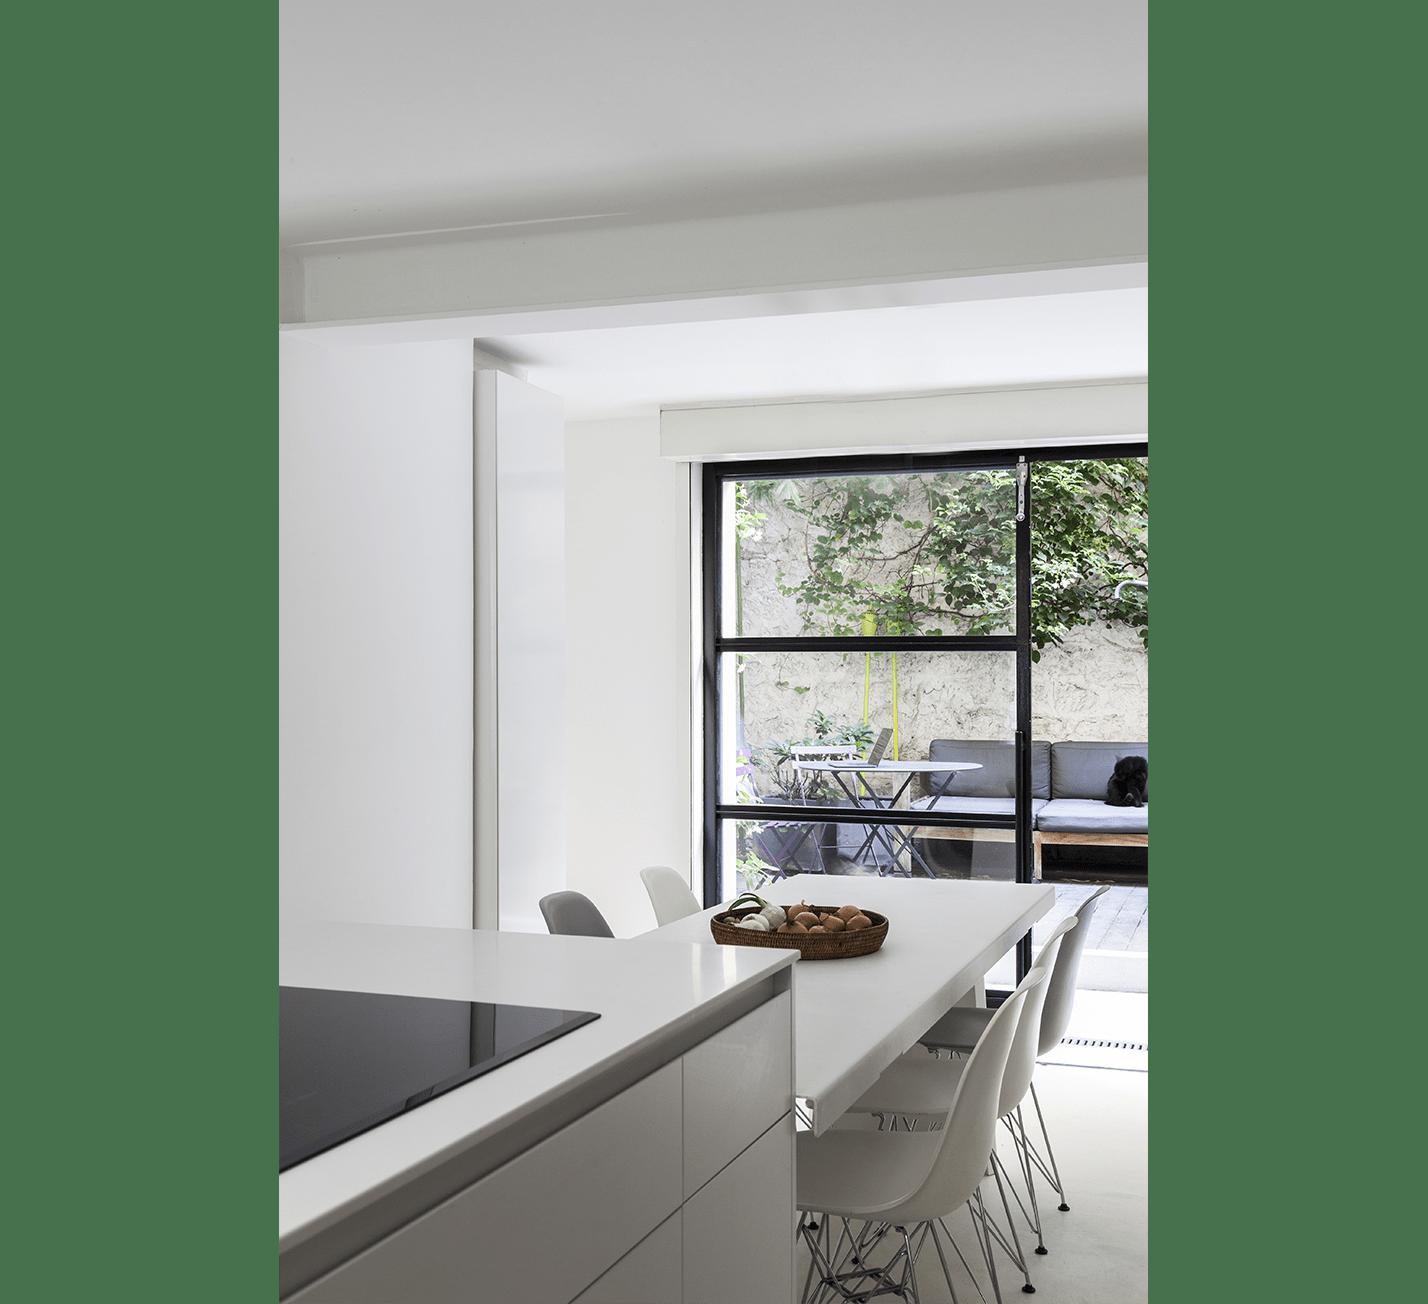 Projet-Square-Chaure-Atelier-Steve-Pauline-Borgia-Architecture-interieur-05-min